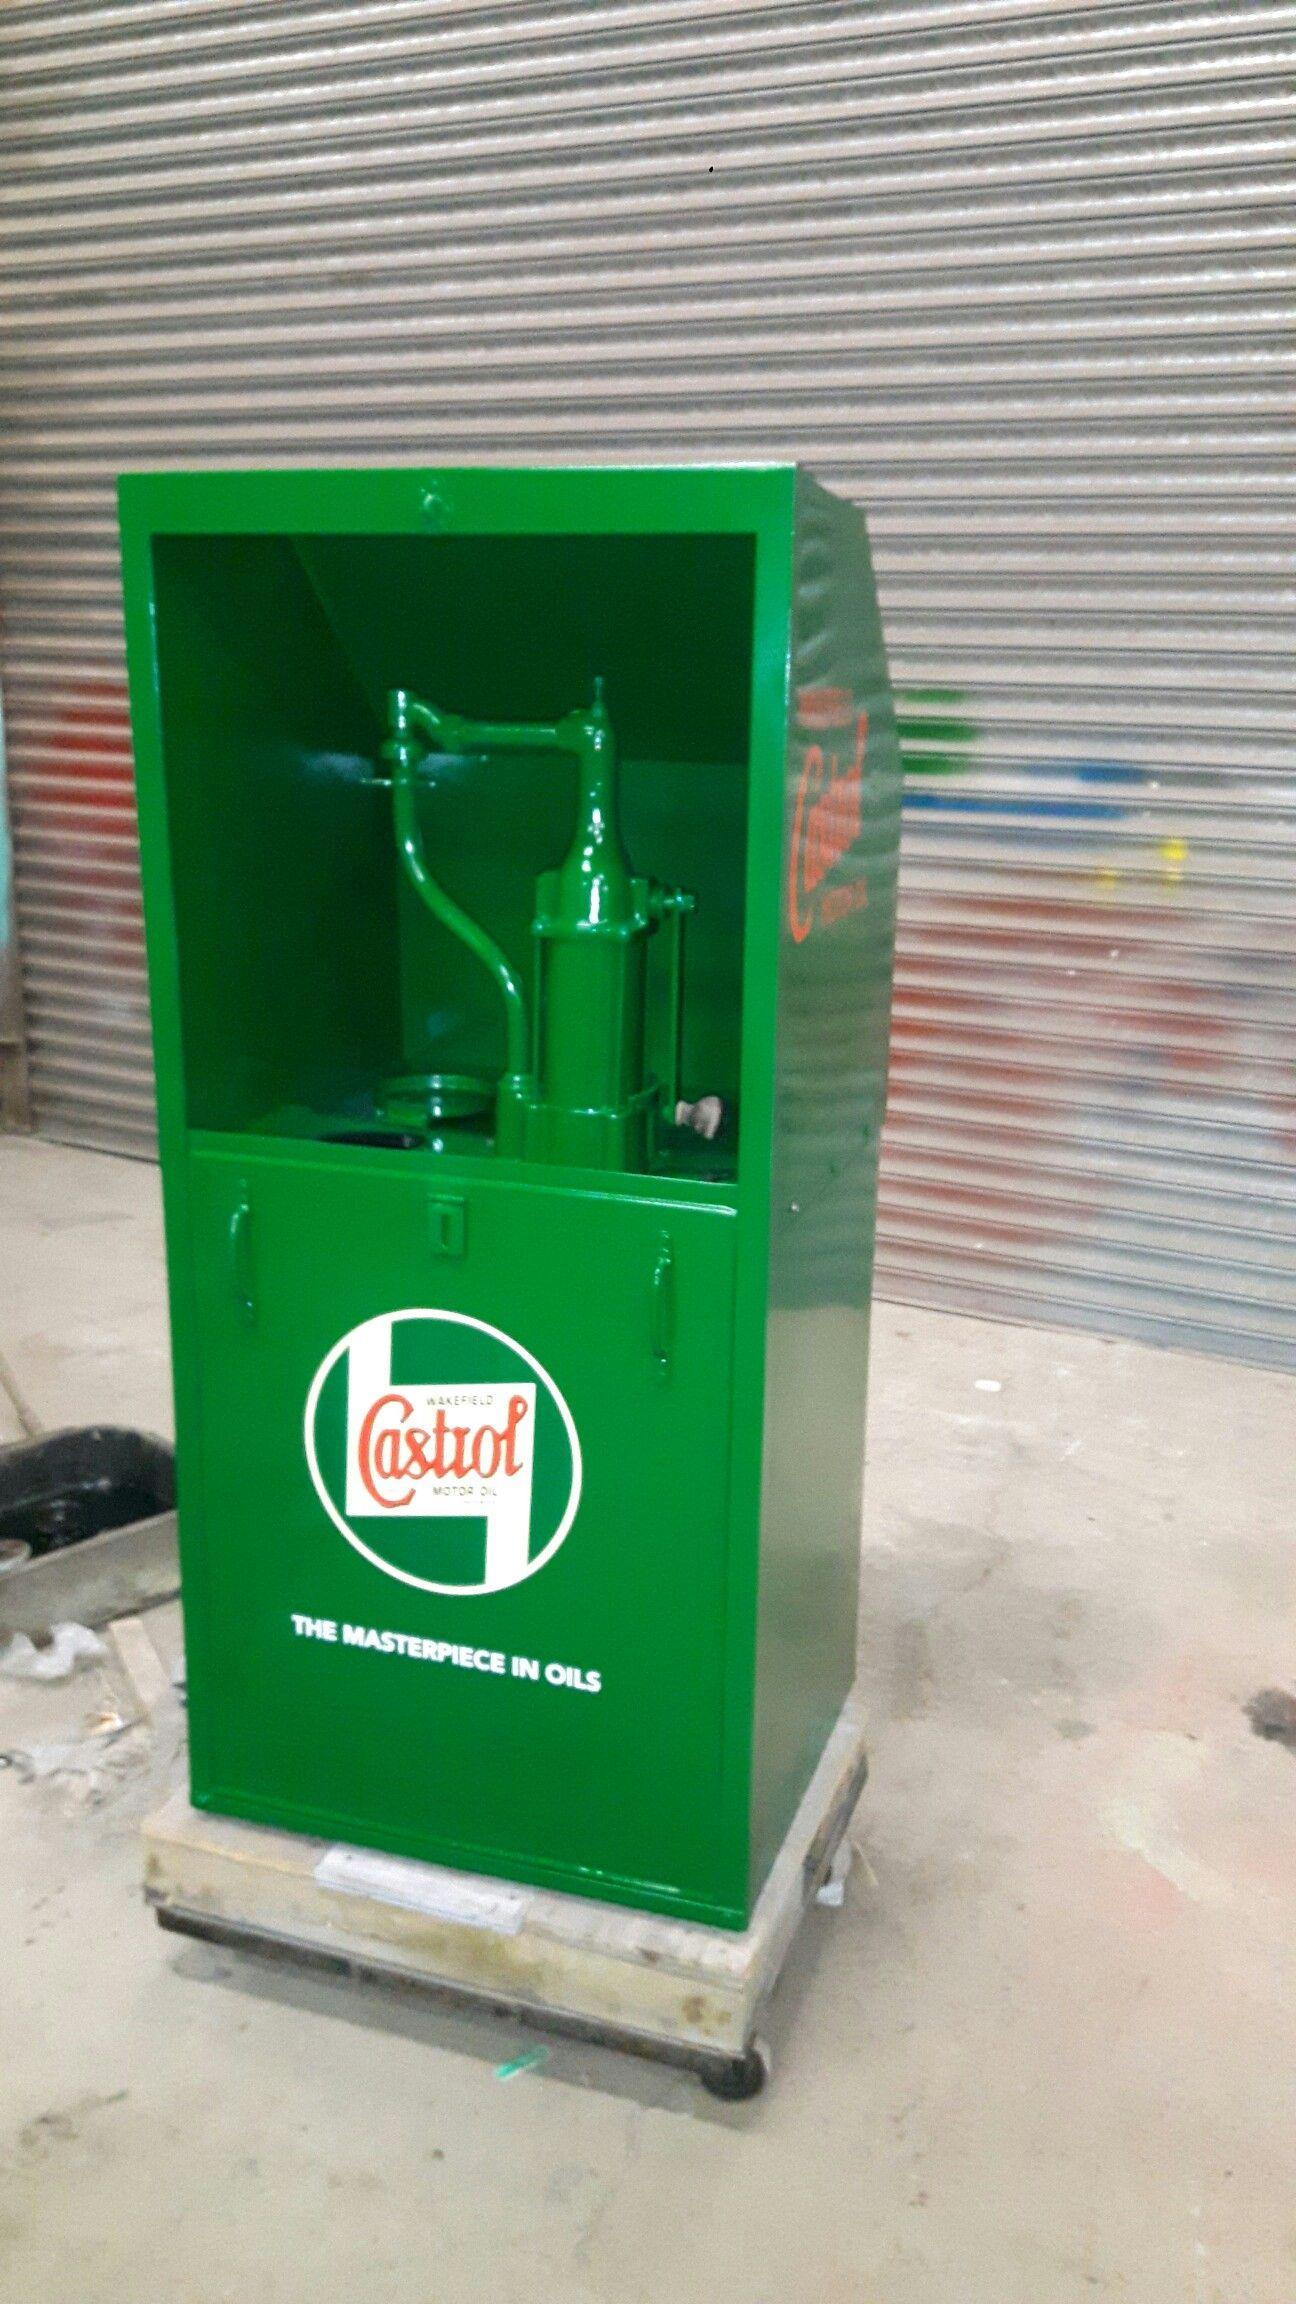 Castrol Oil Dispenser Vintage Oil Cans Vintage Gas Pumps Petrol Station